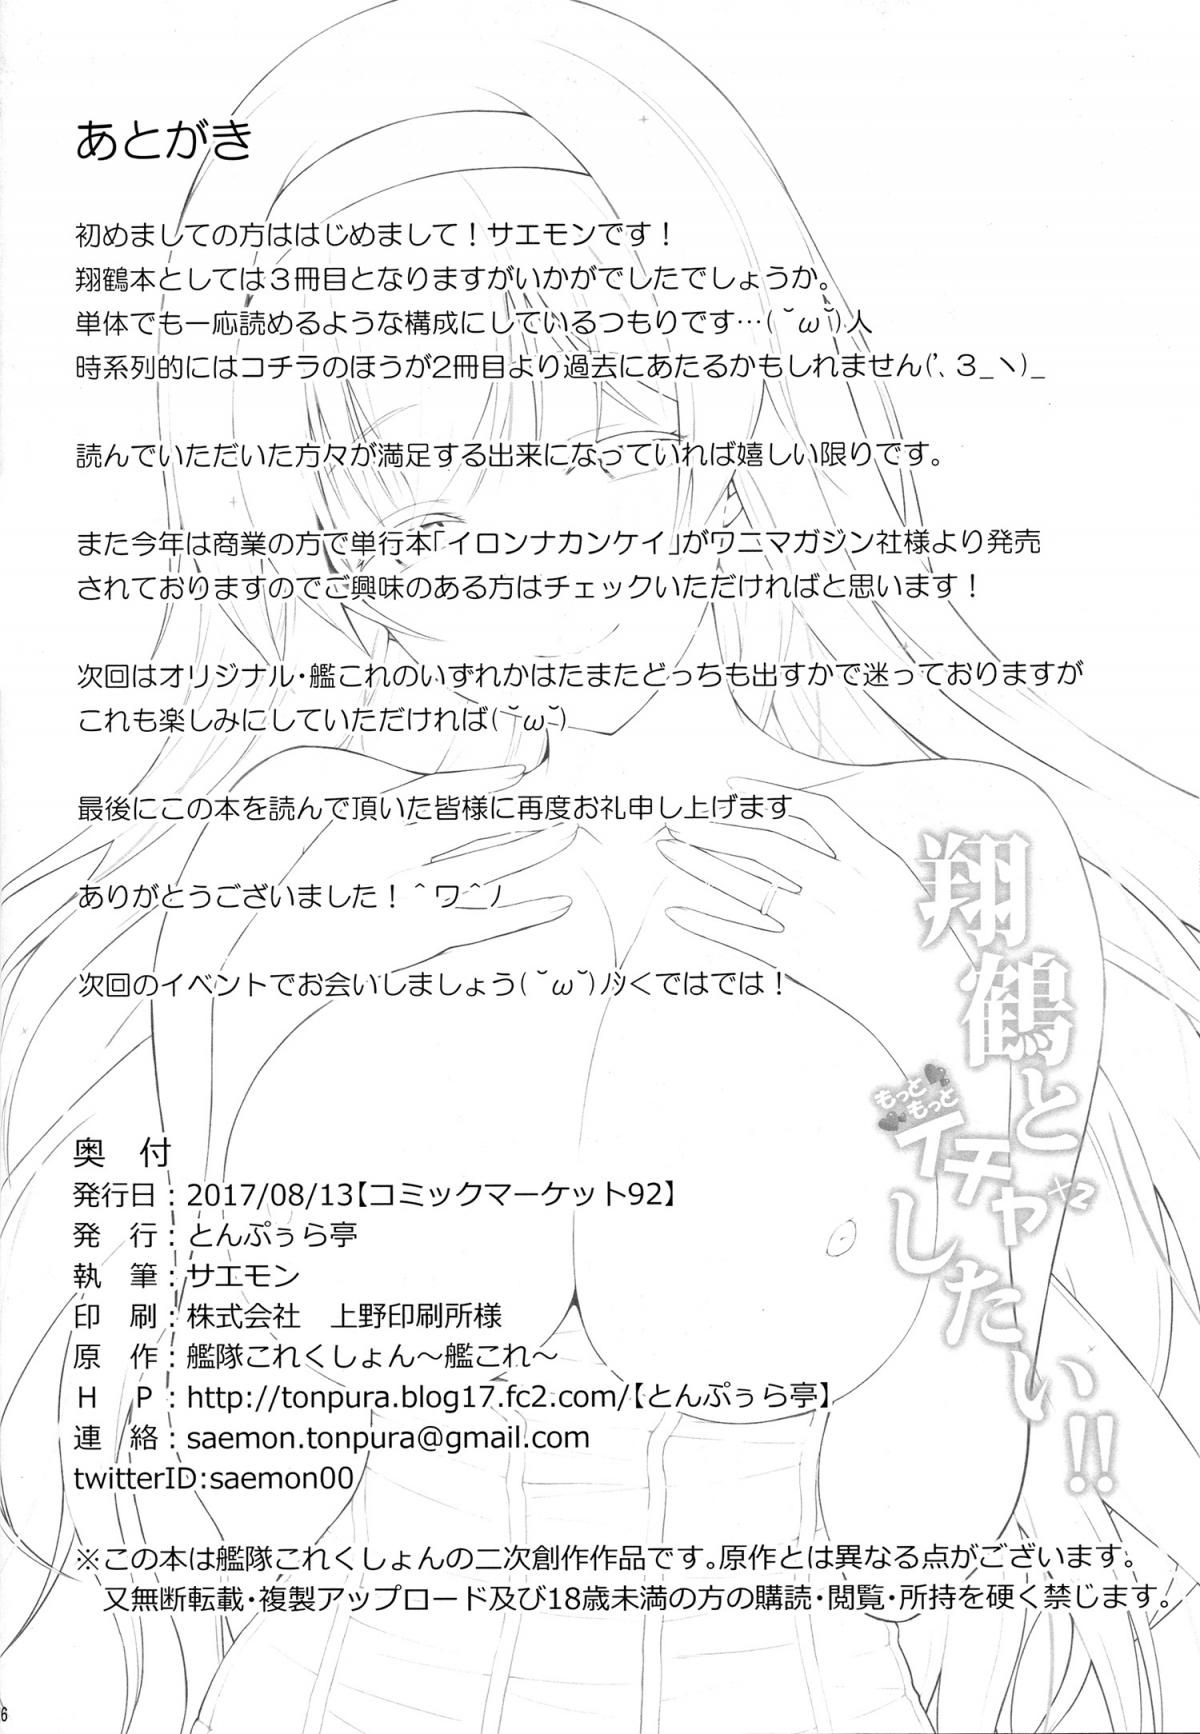 HentaiVN.net - Ảnh 25 - Shoukaku To Motto Motto Ichaicha Shitai!! (Kantai Collection) - Oneshot